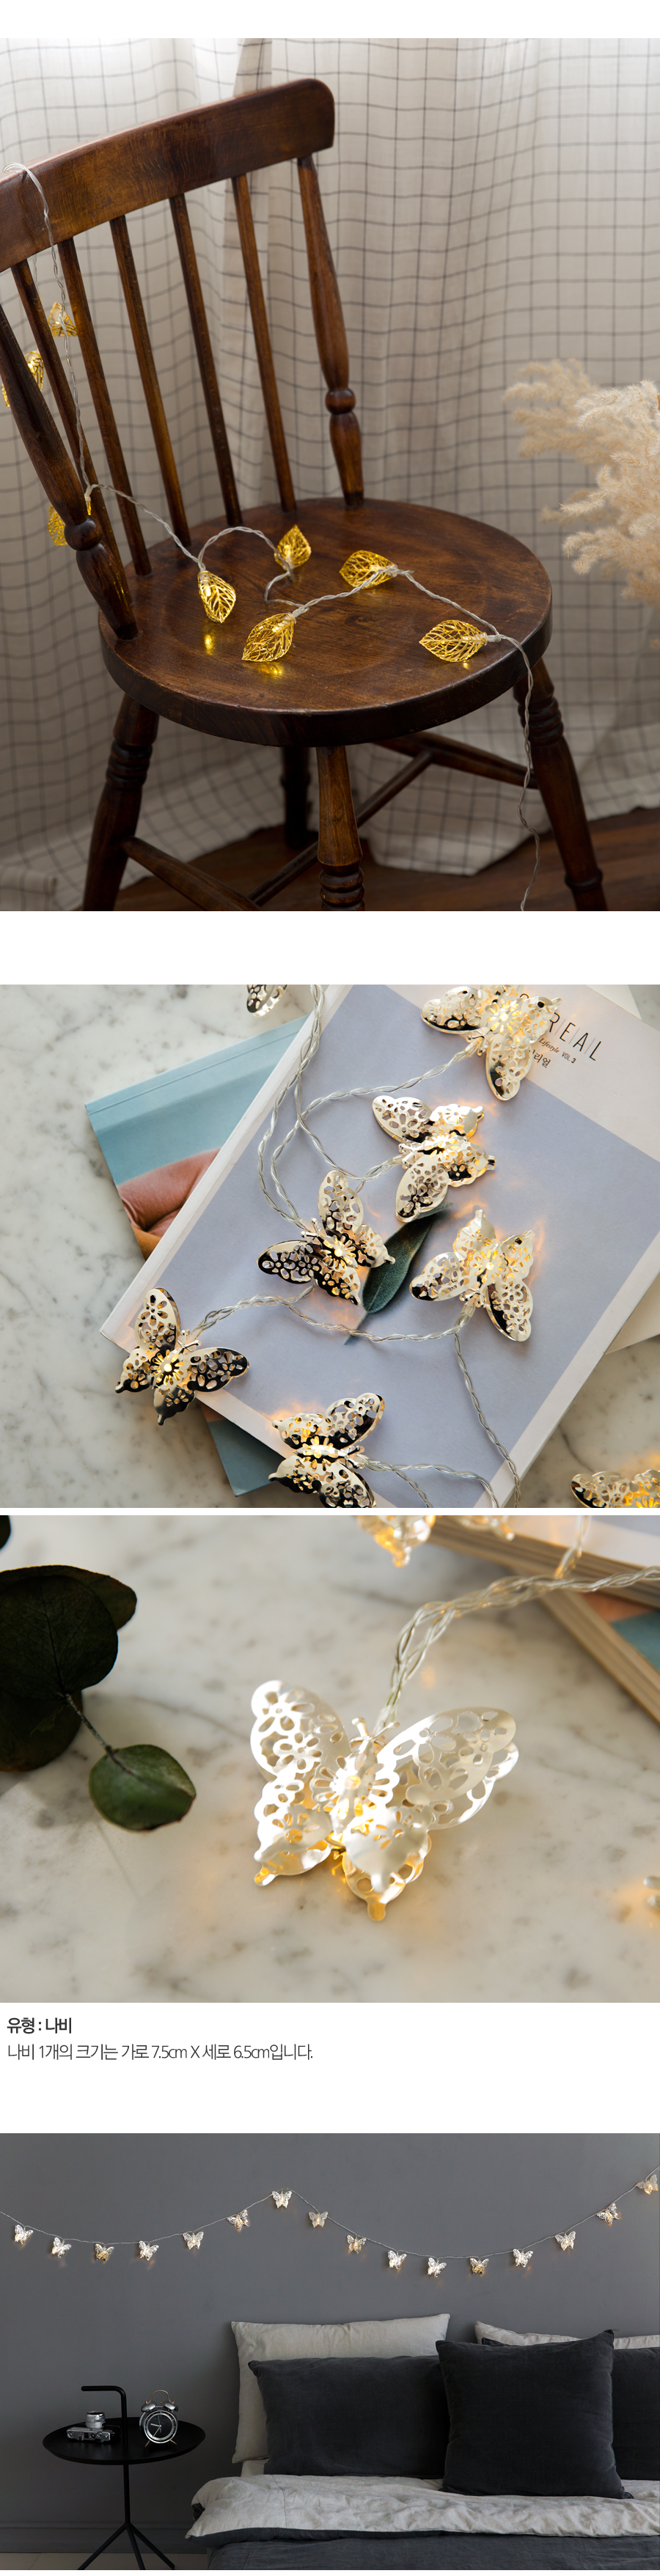 가랜드 LED 무드등 [나비] (10구/건전지타입) - 샛별조명, 13,600원, 장식소품, 모빌/천장데코